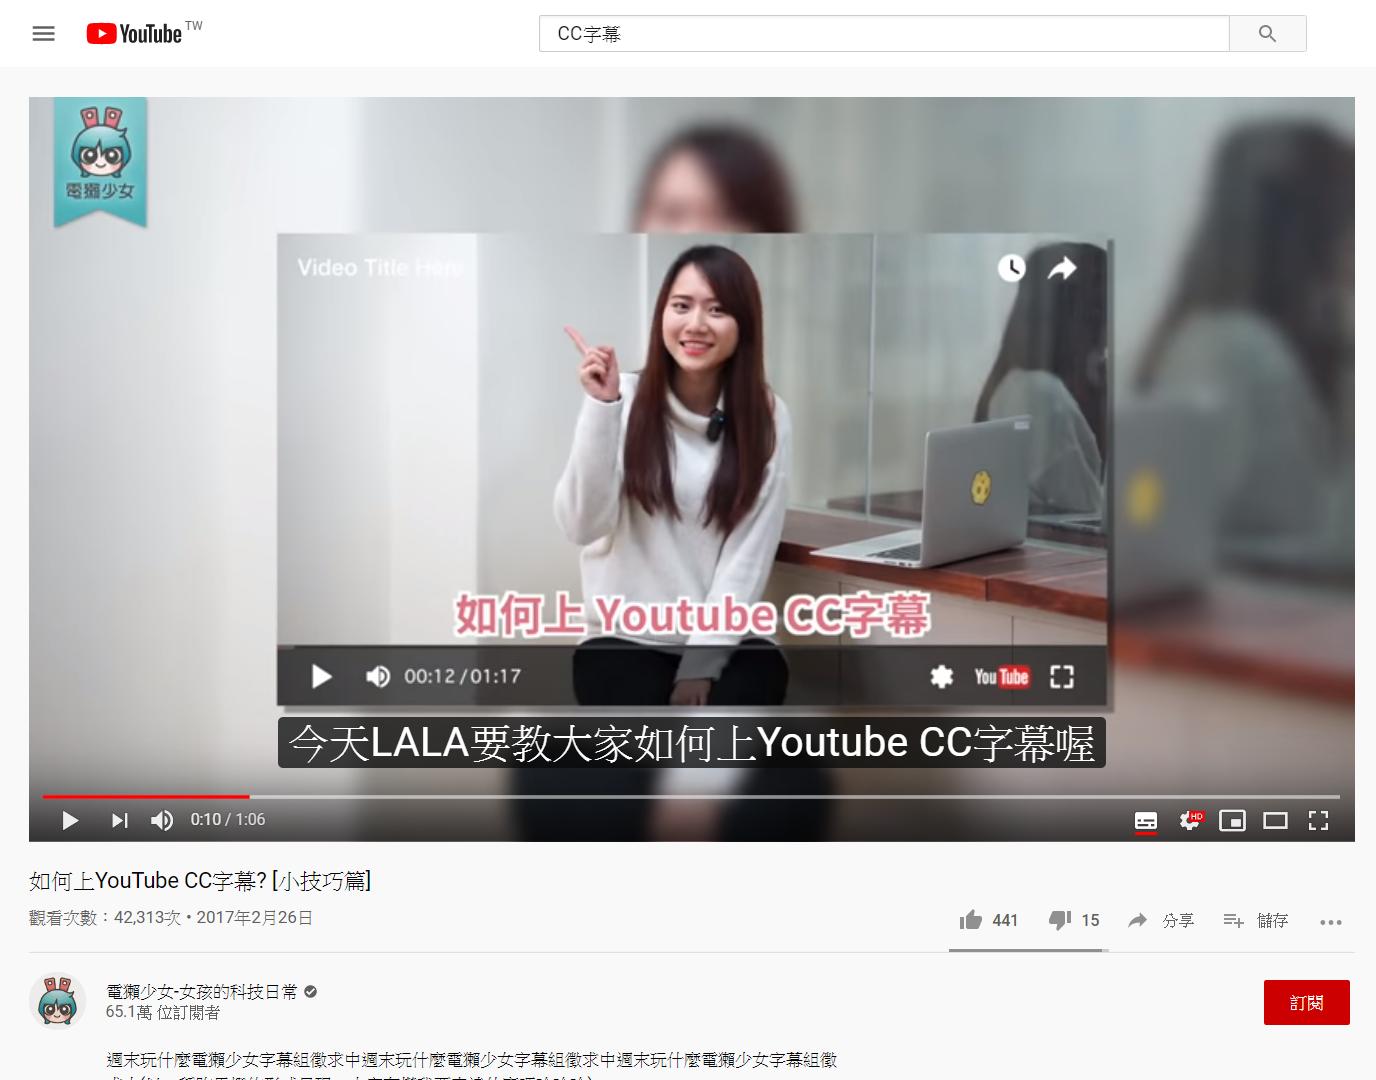 YouTube_SEO_CC字幕